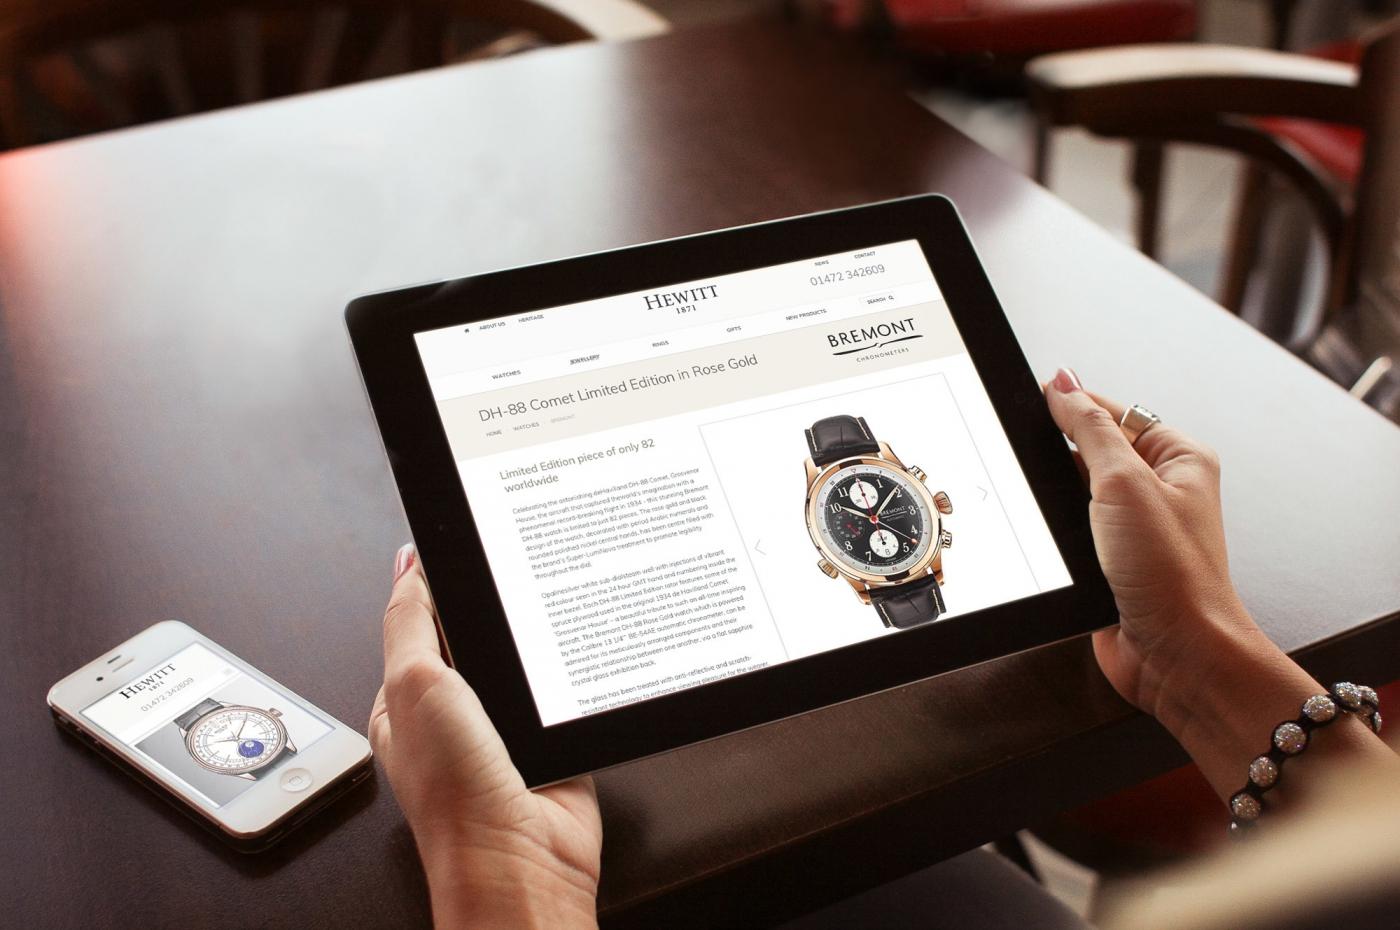 G.Hewitt Jewellery ecommerce website on tablet